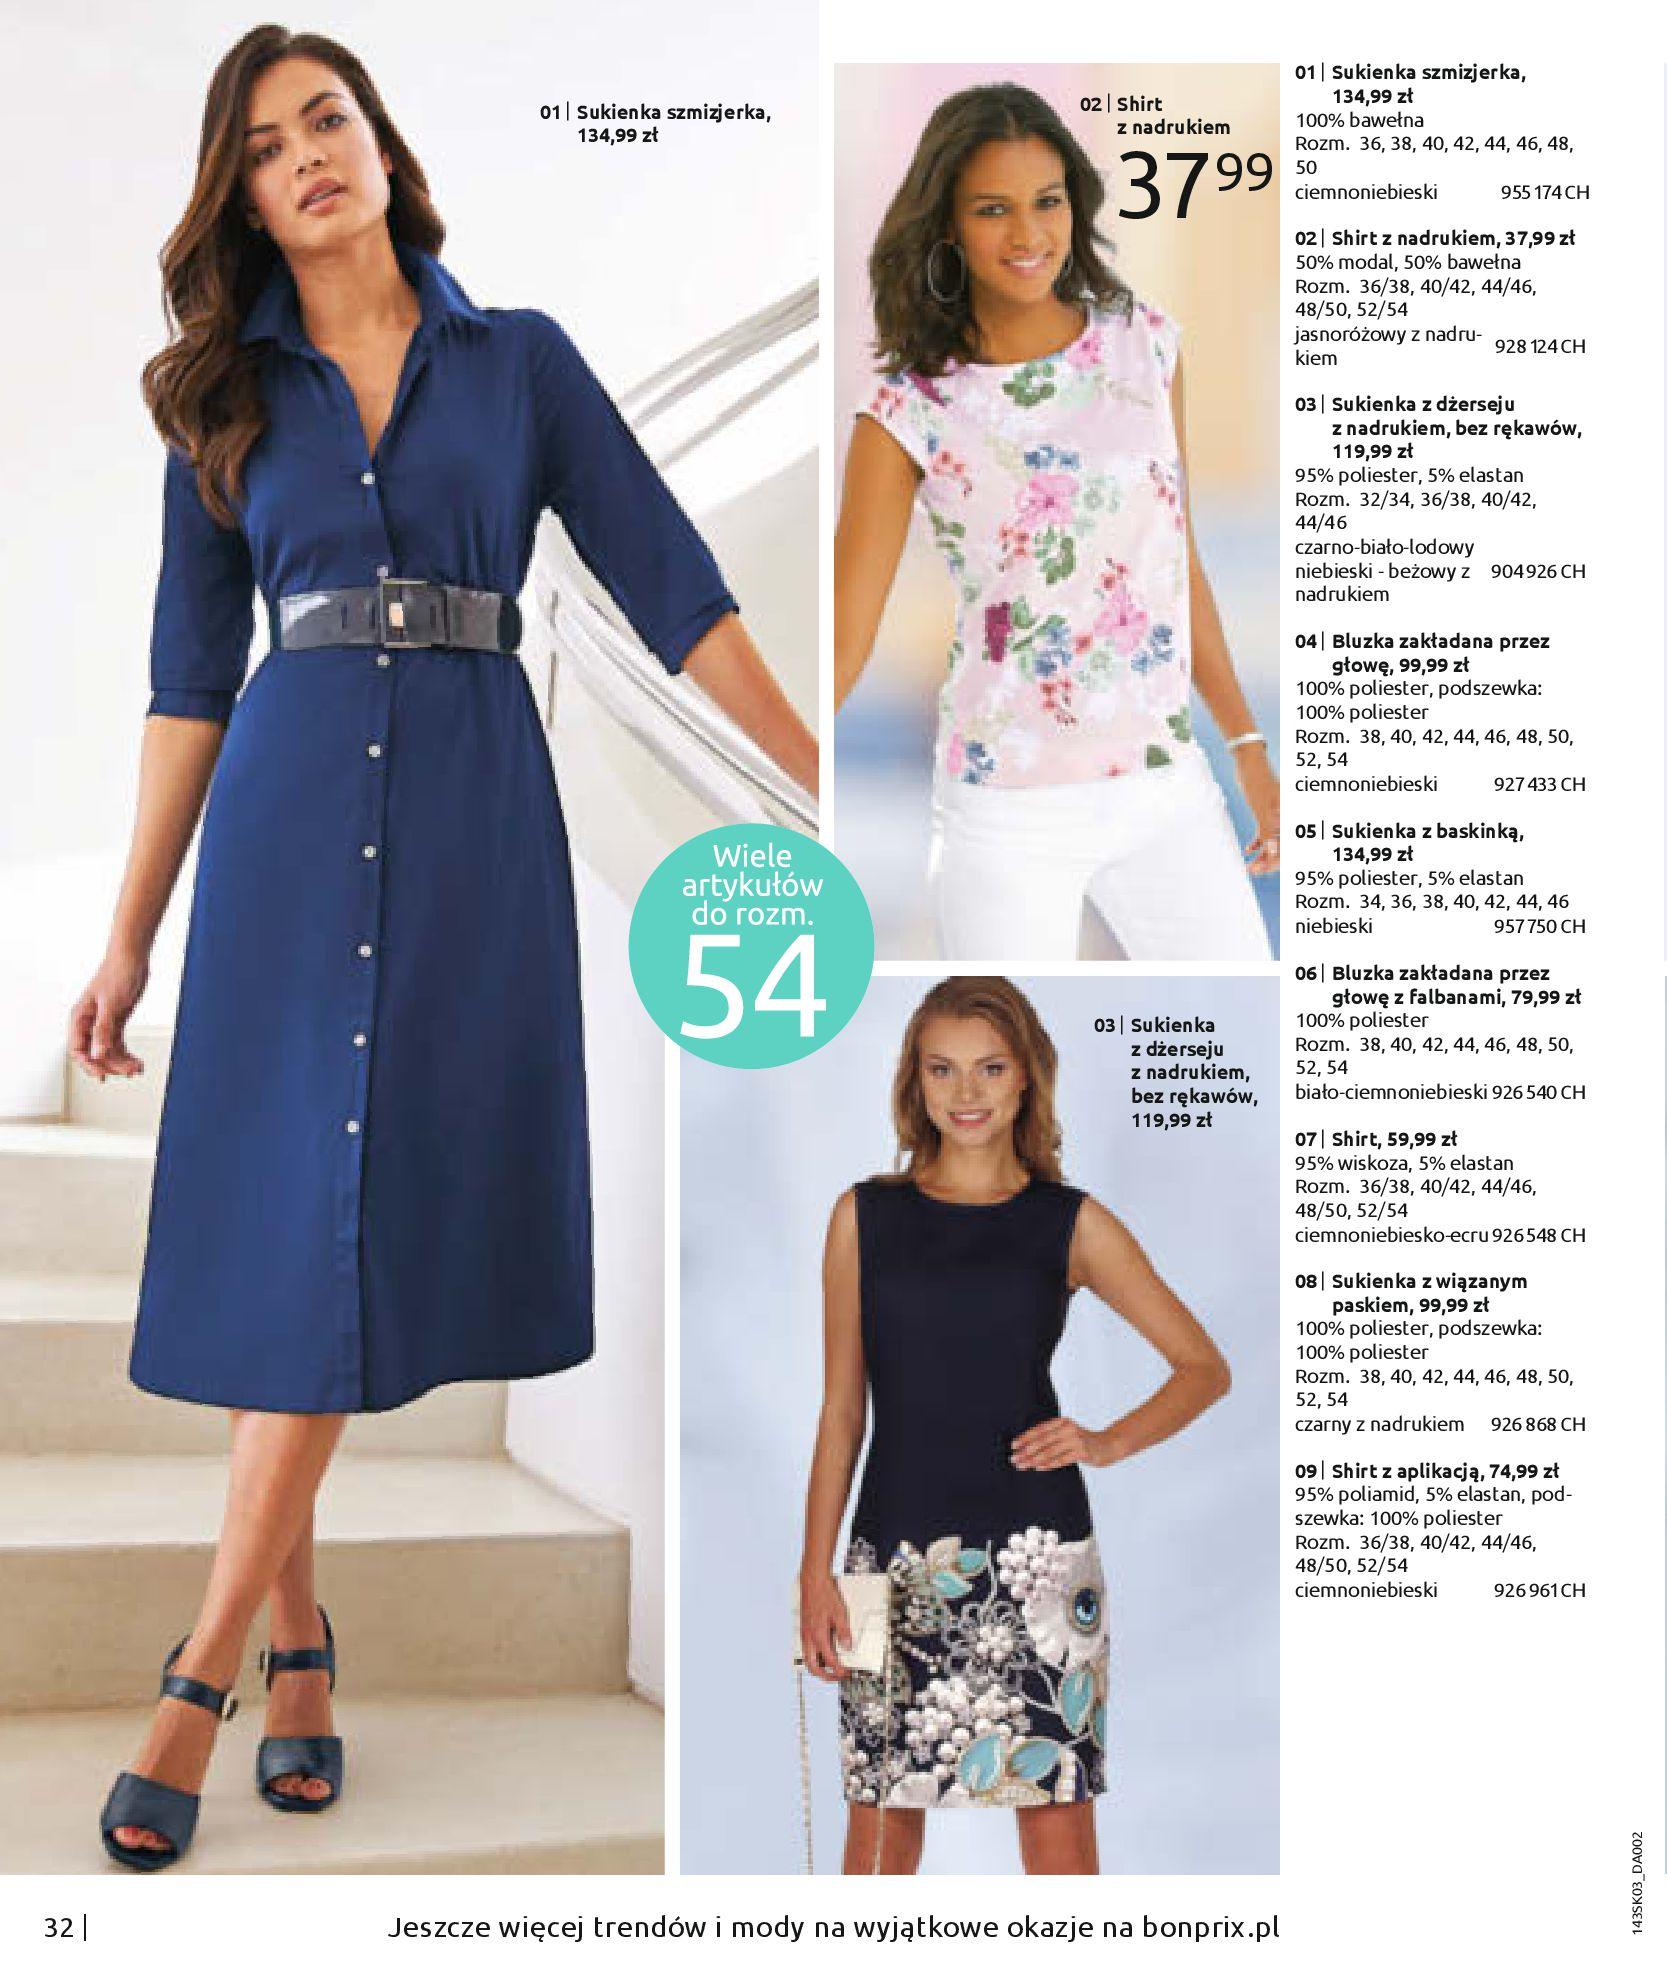 Gazetka Bonprix: Wiosenna moda 2021-03-05 page-34